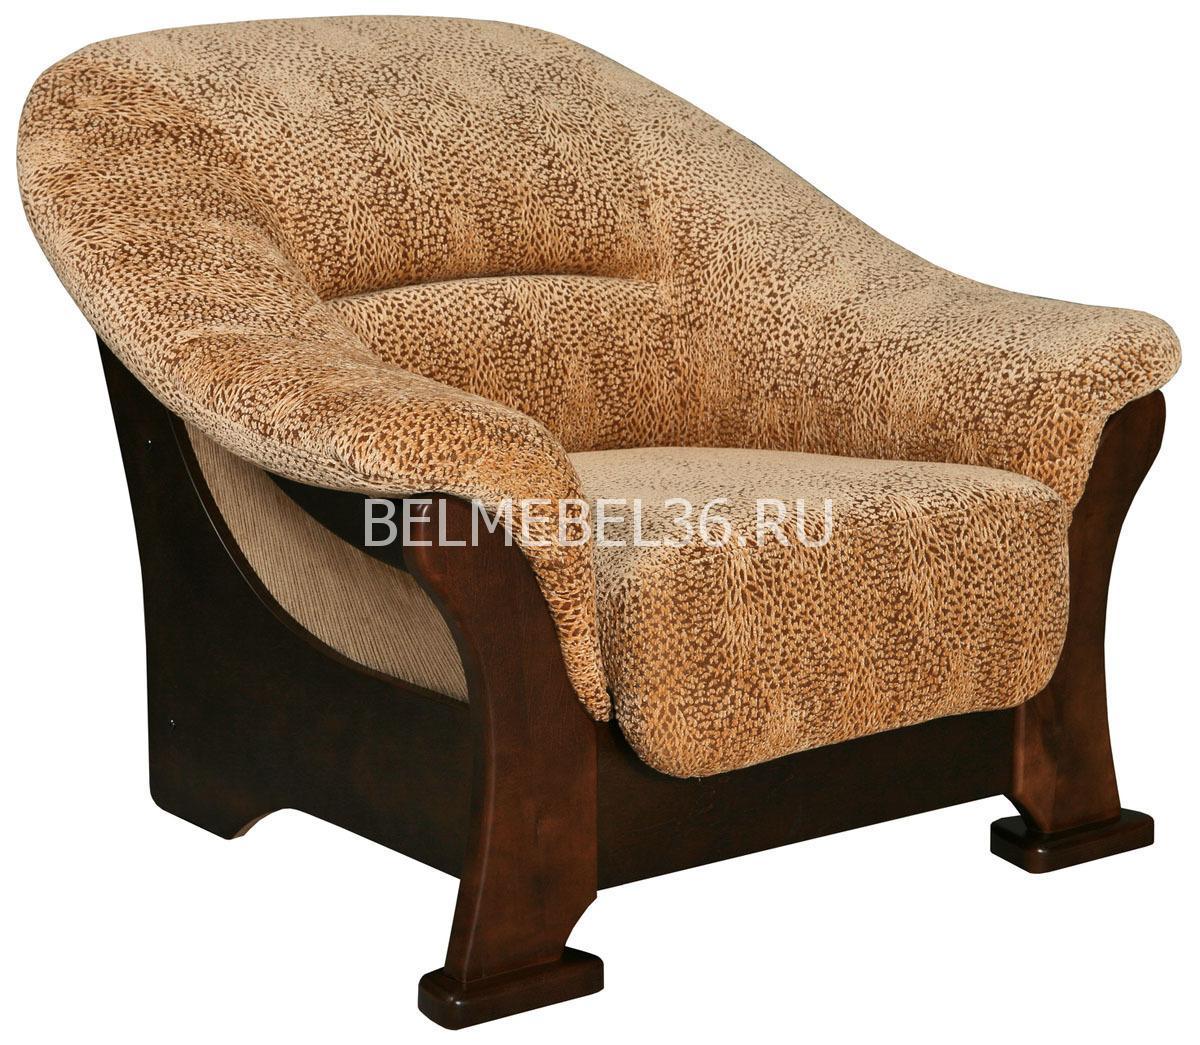 Кресло Небраска (12) П-Д122 | Белорусская мебель в Воронеже